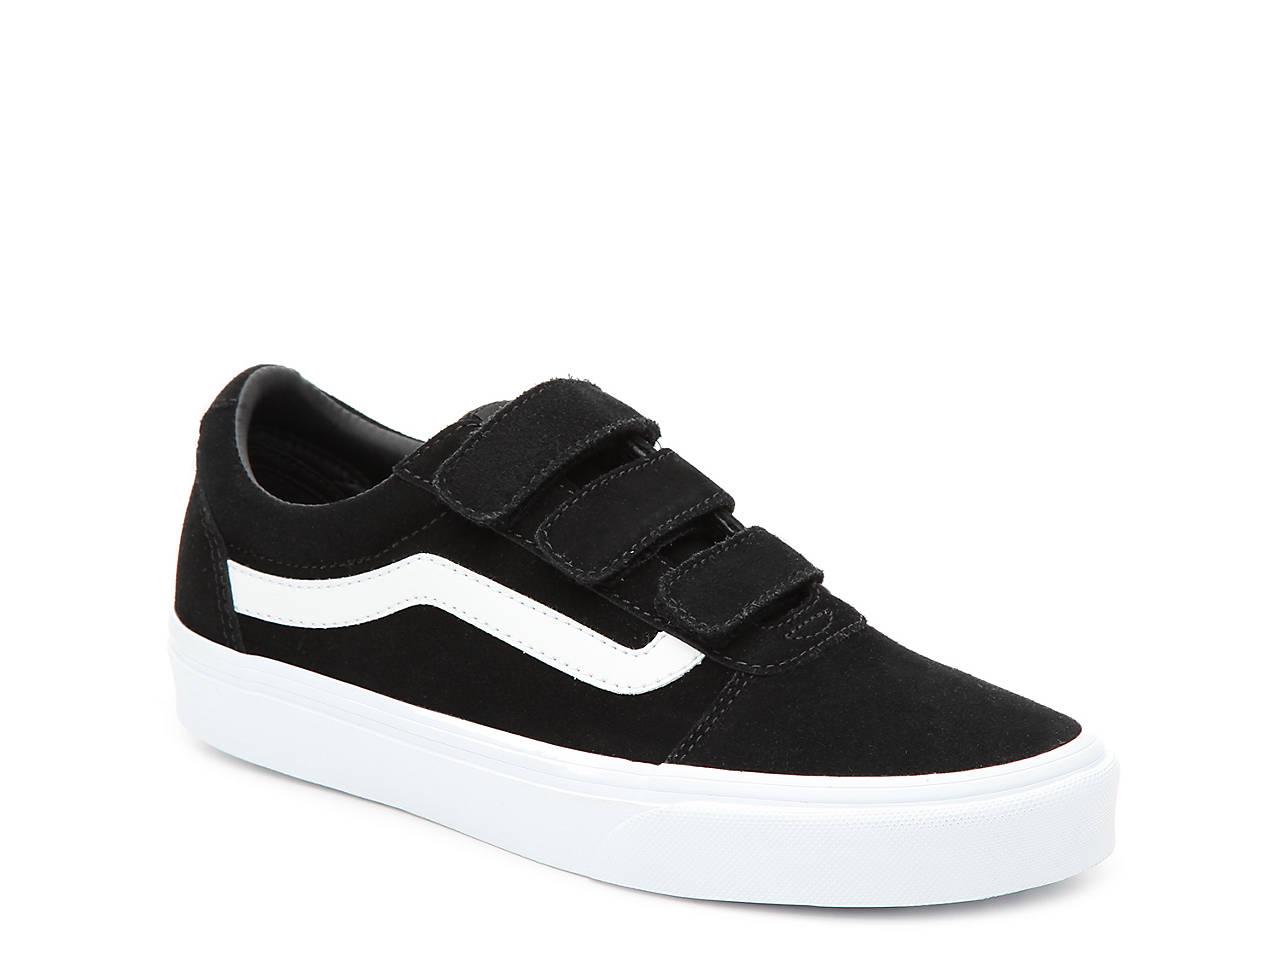 ae5b8d3ca54 Vans Ward V Sneaker - Women s Women s Shoes